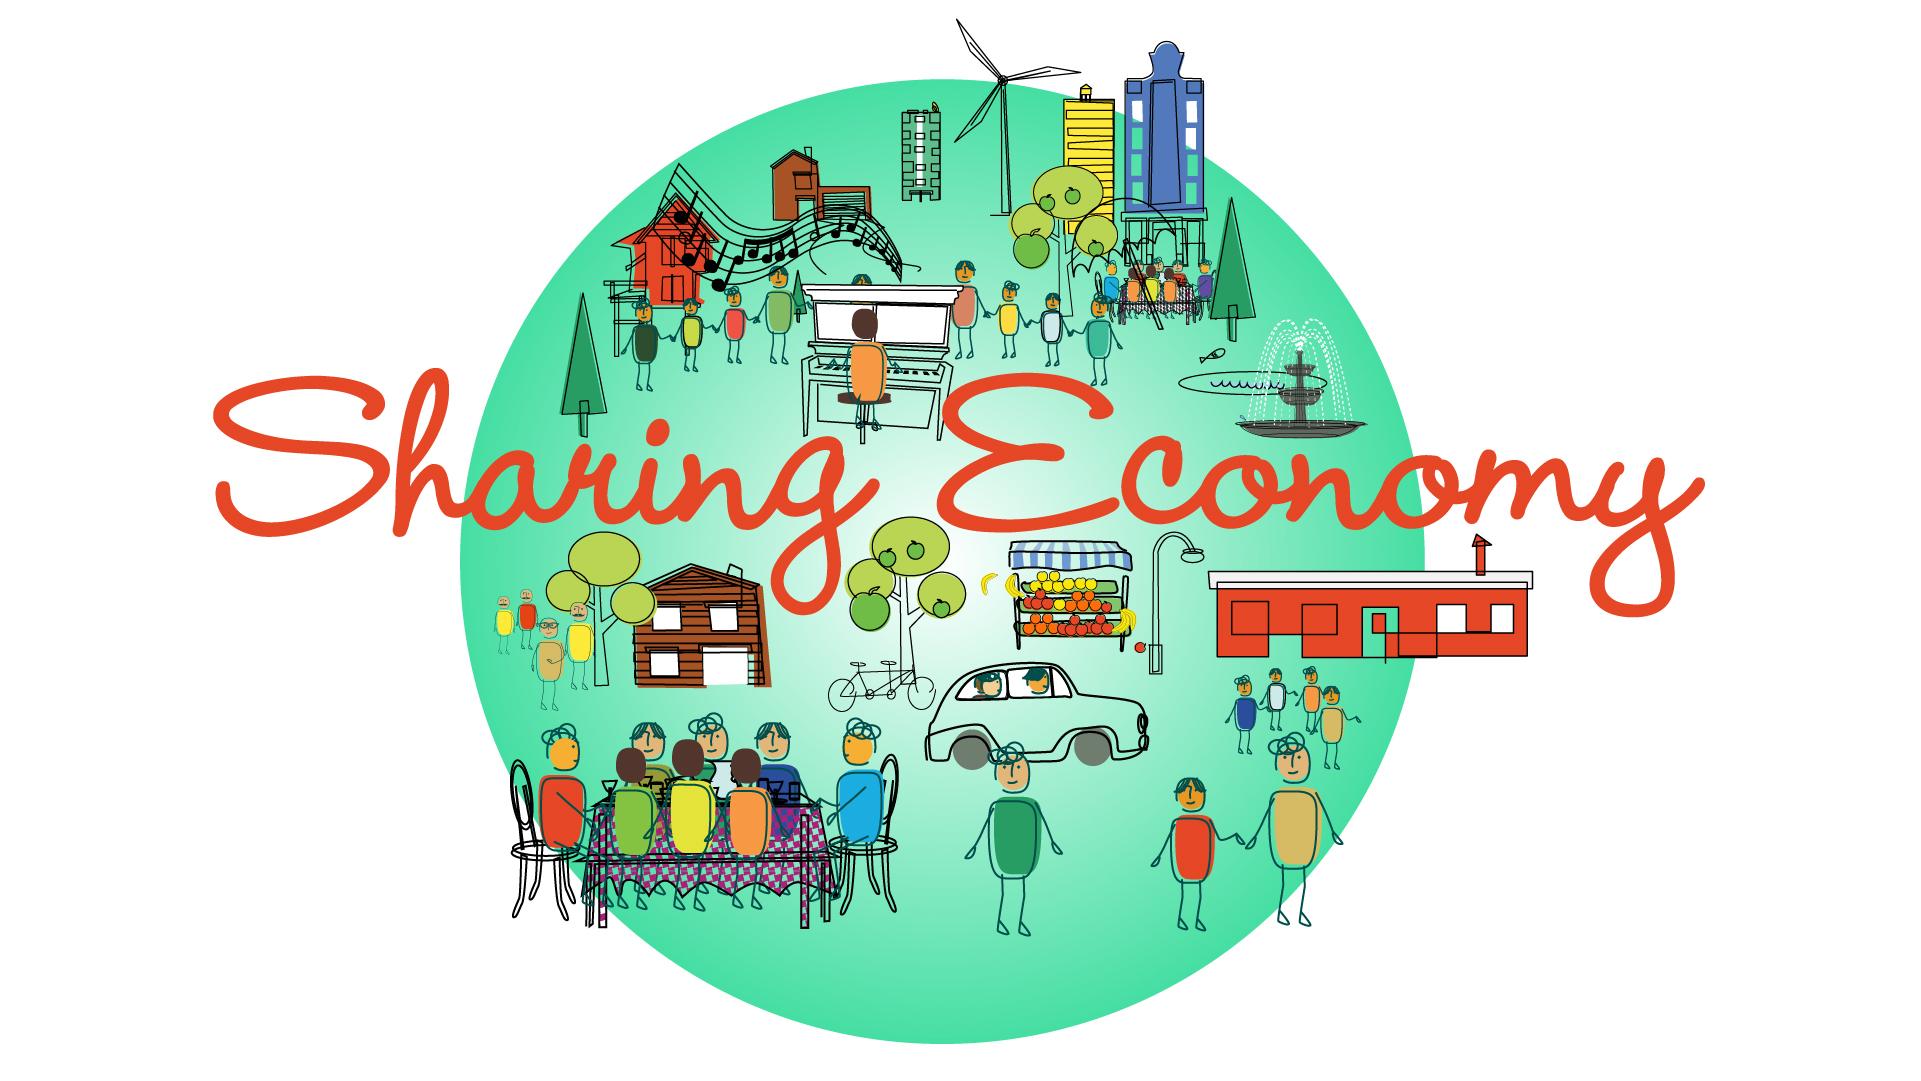 sharingeconomy_globeslide.jpg